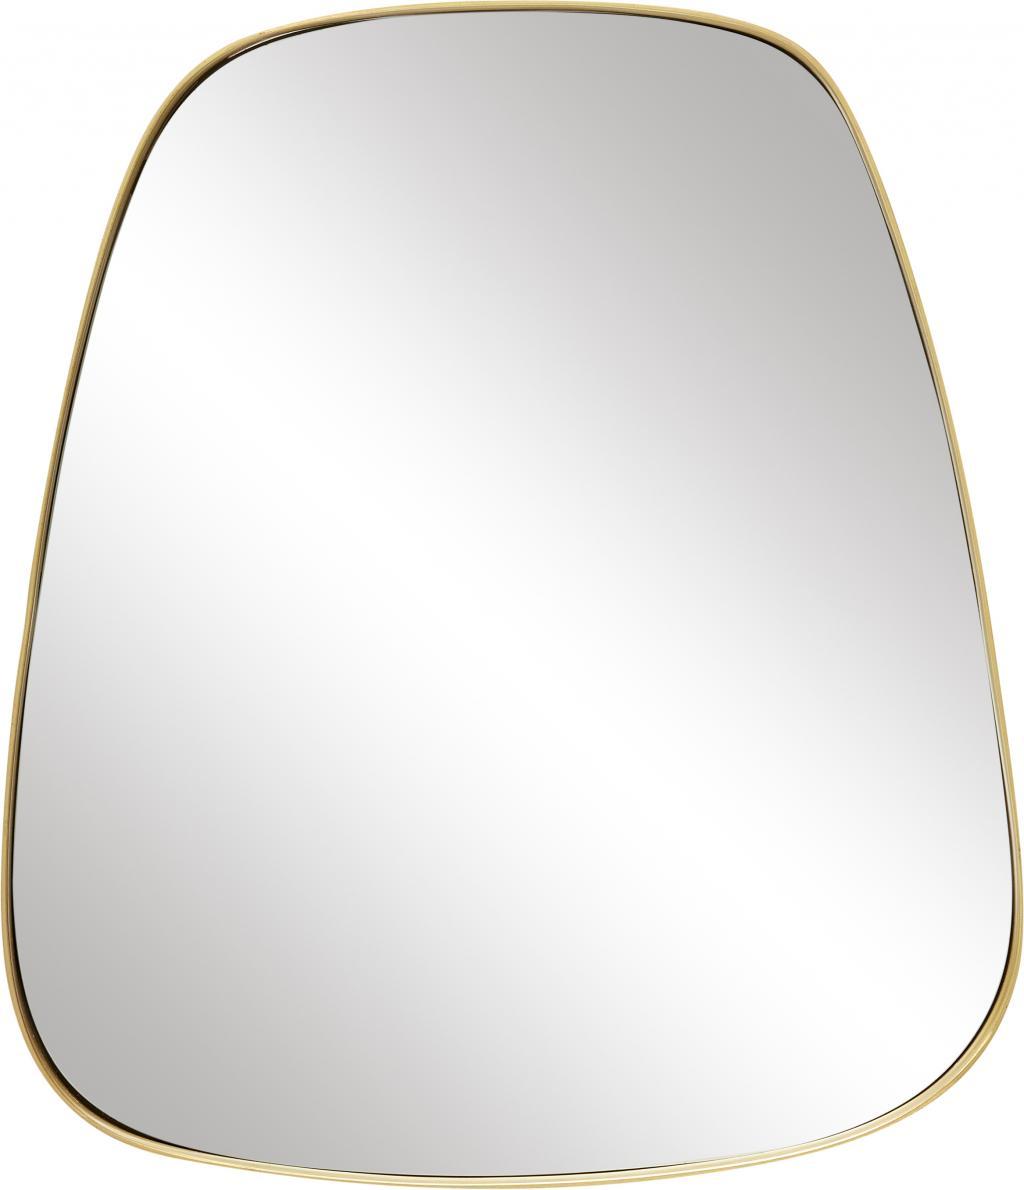 Wandspiegel mit metallrahmen gold hubsch kaufen - Wandspiegel mit metallrahmen ...